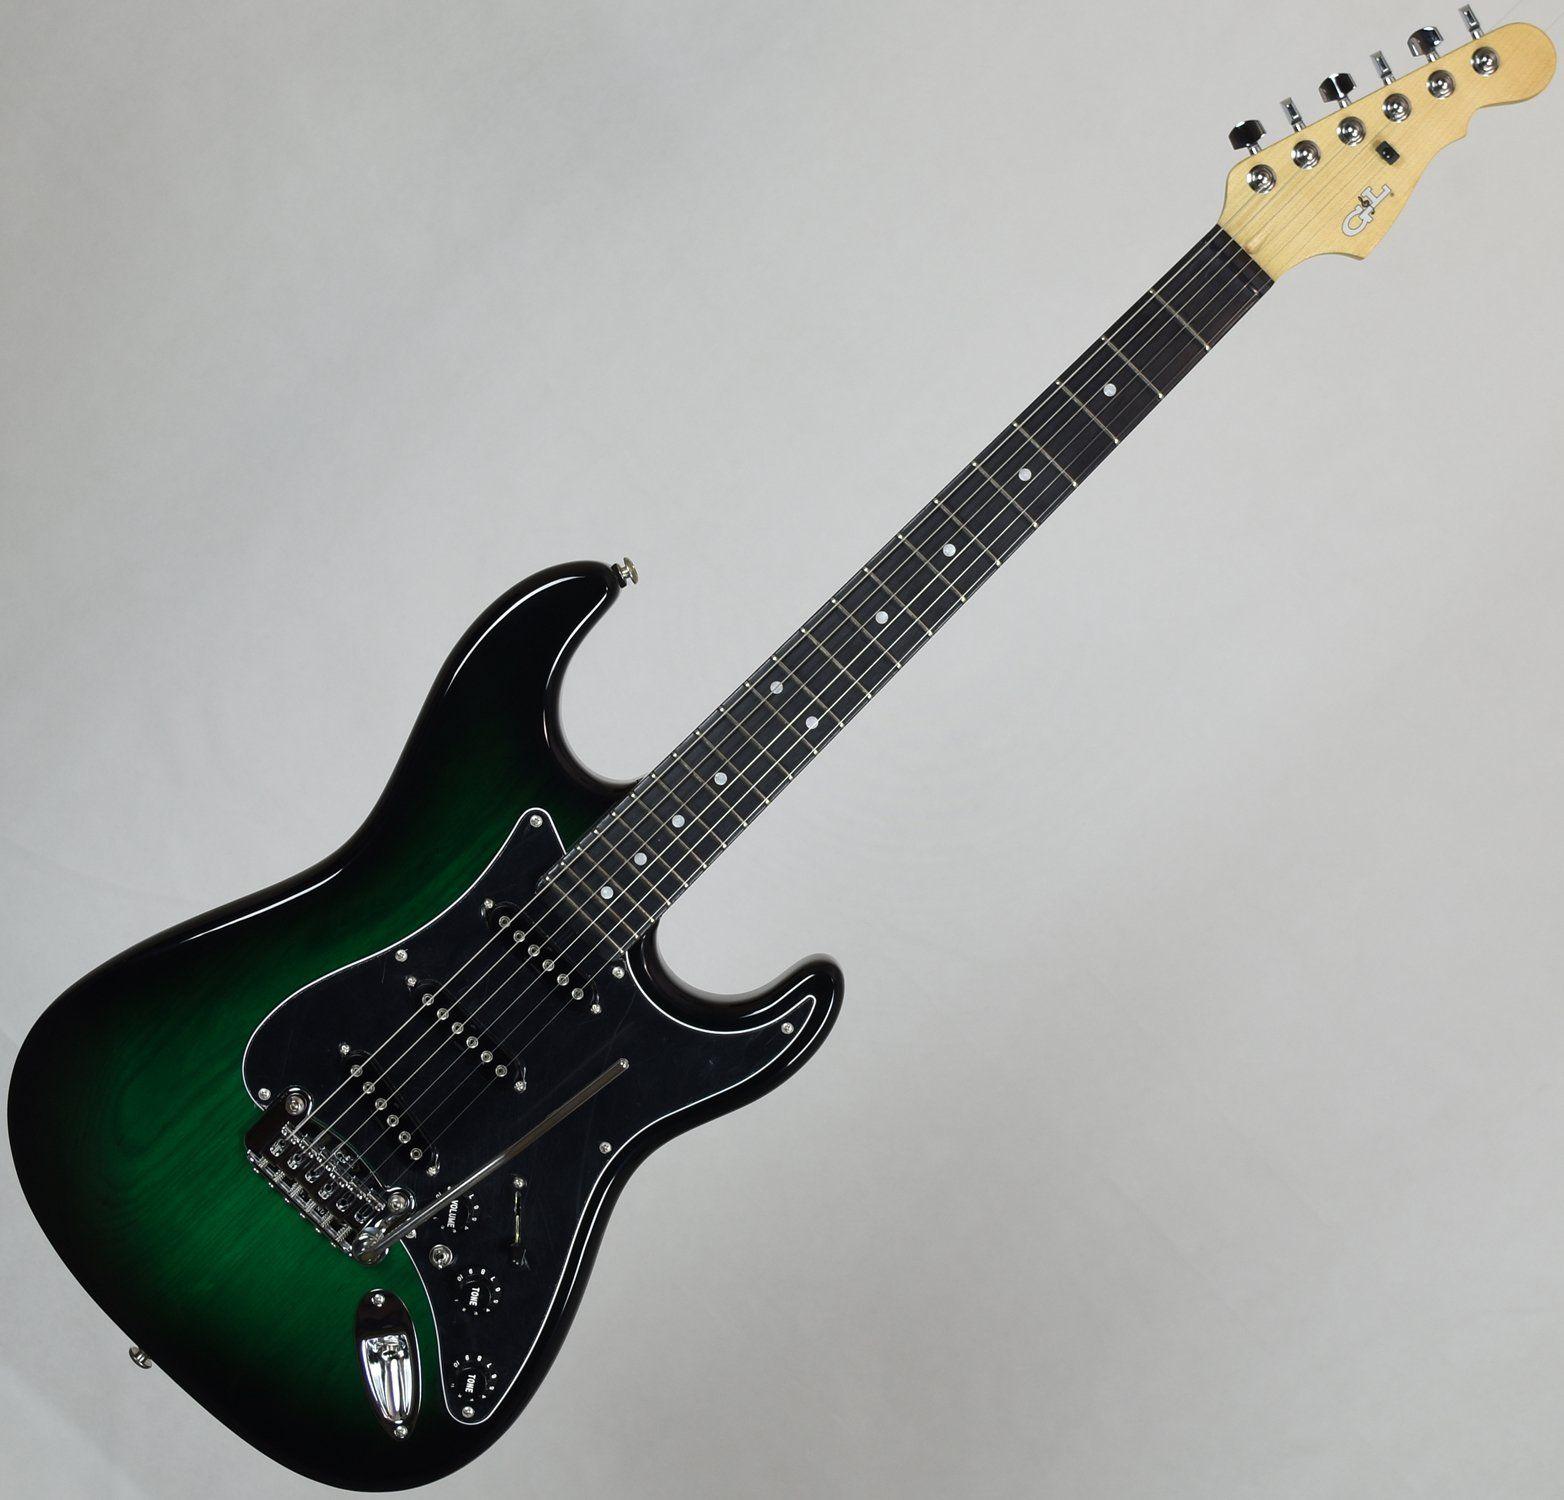 g l usa s 500 ebony fingerboard electric guitar greenburst. Black Bedroom Furniture Sets. Home Design Ideas